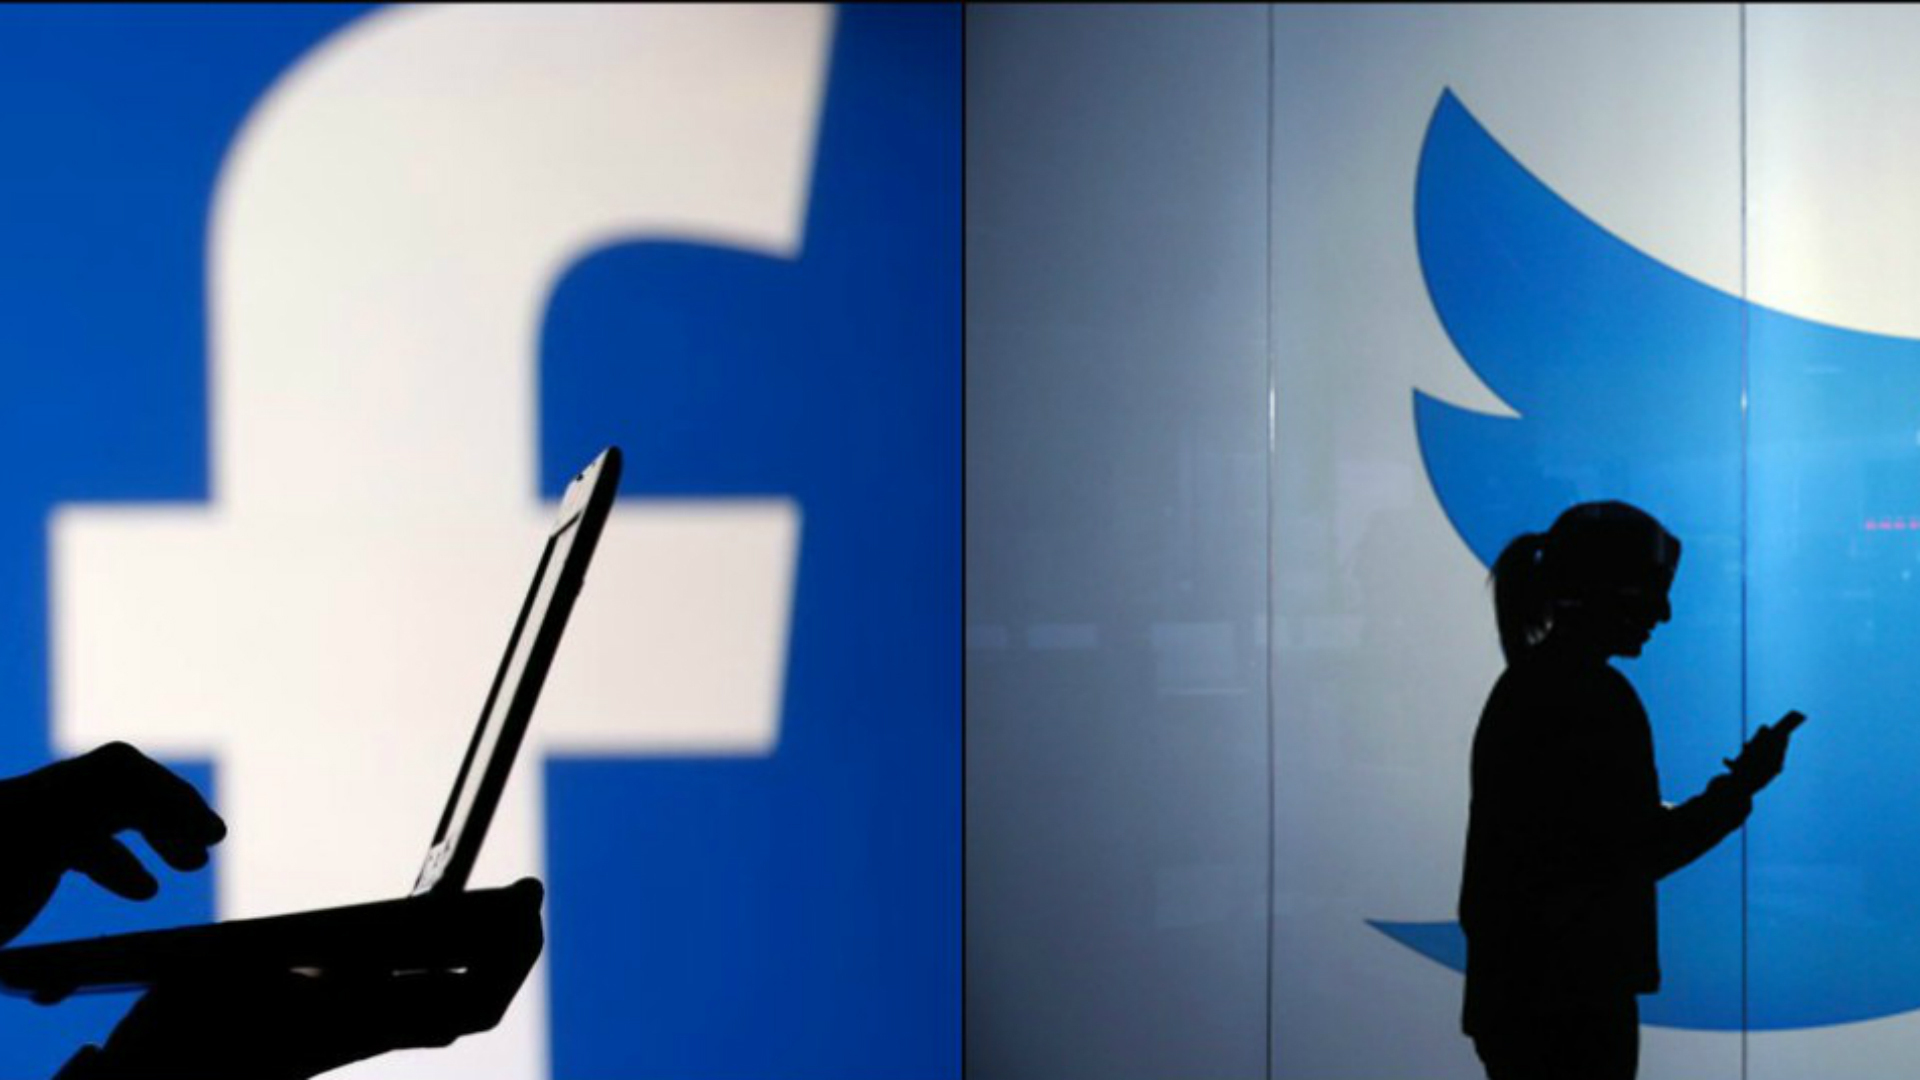 Facebook y Twitter fueron las redes sociales más usadas por la campaña rusa de desinformación, de acuerdo a un reciente informe presentado ante el Senado